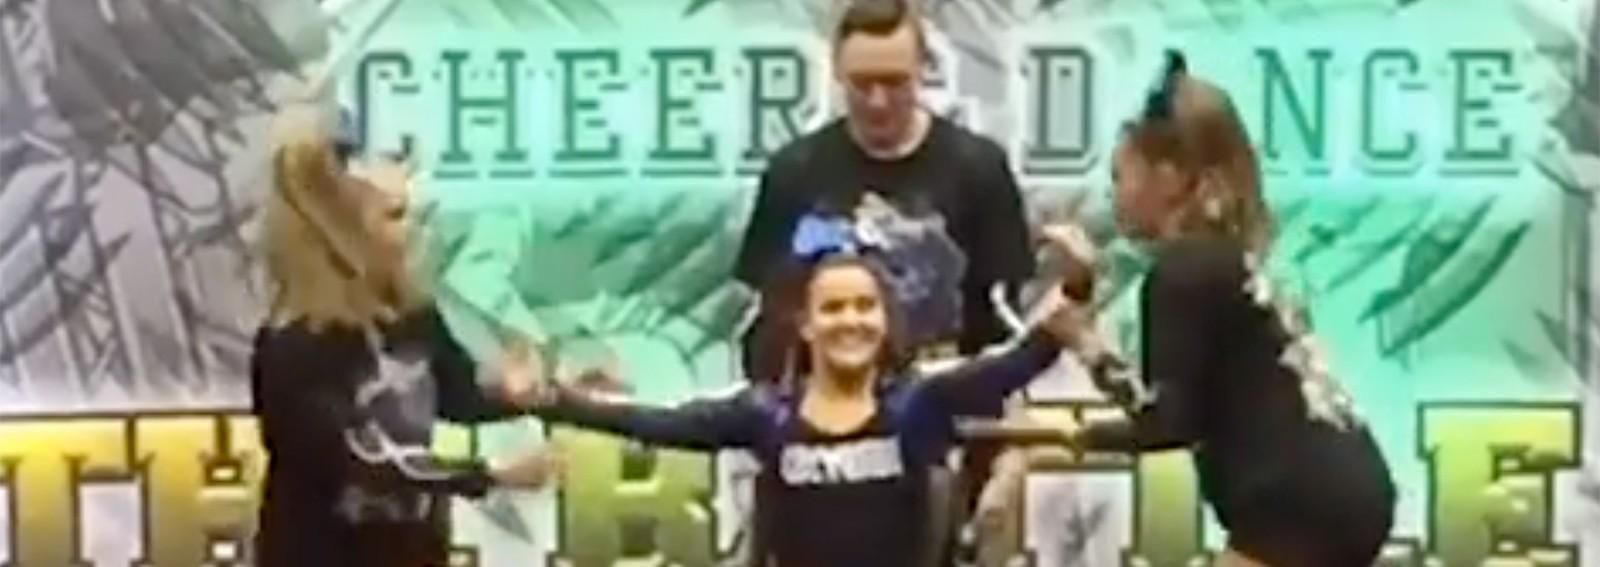 Wheelchair-bound cheerleader wows with prize-winning routine